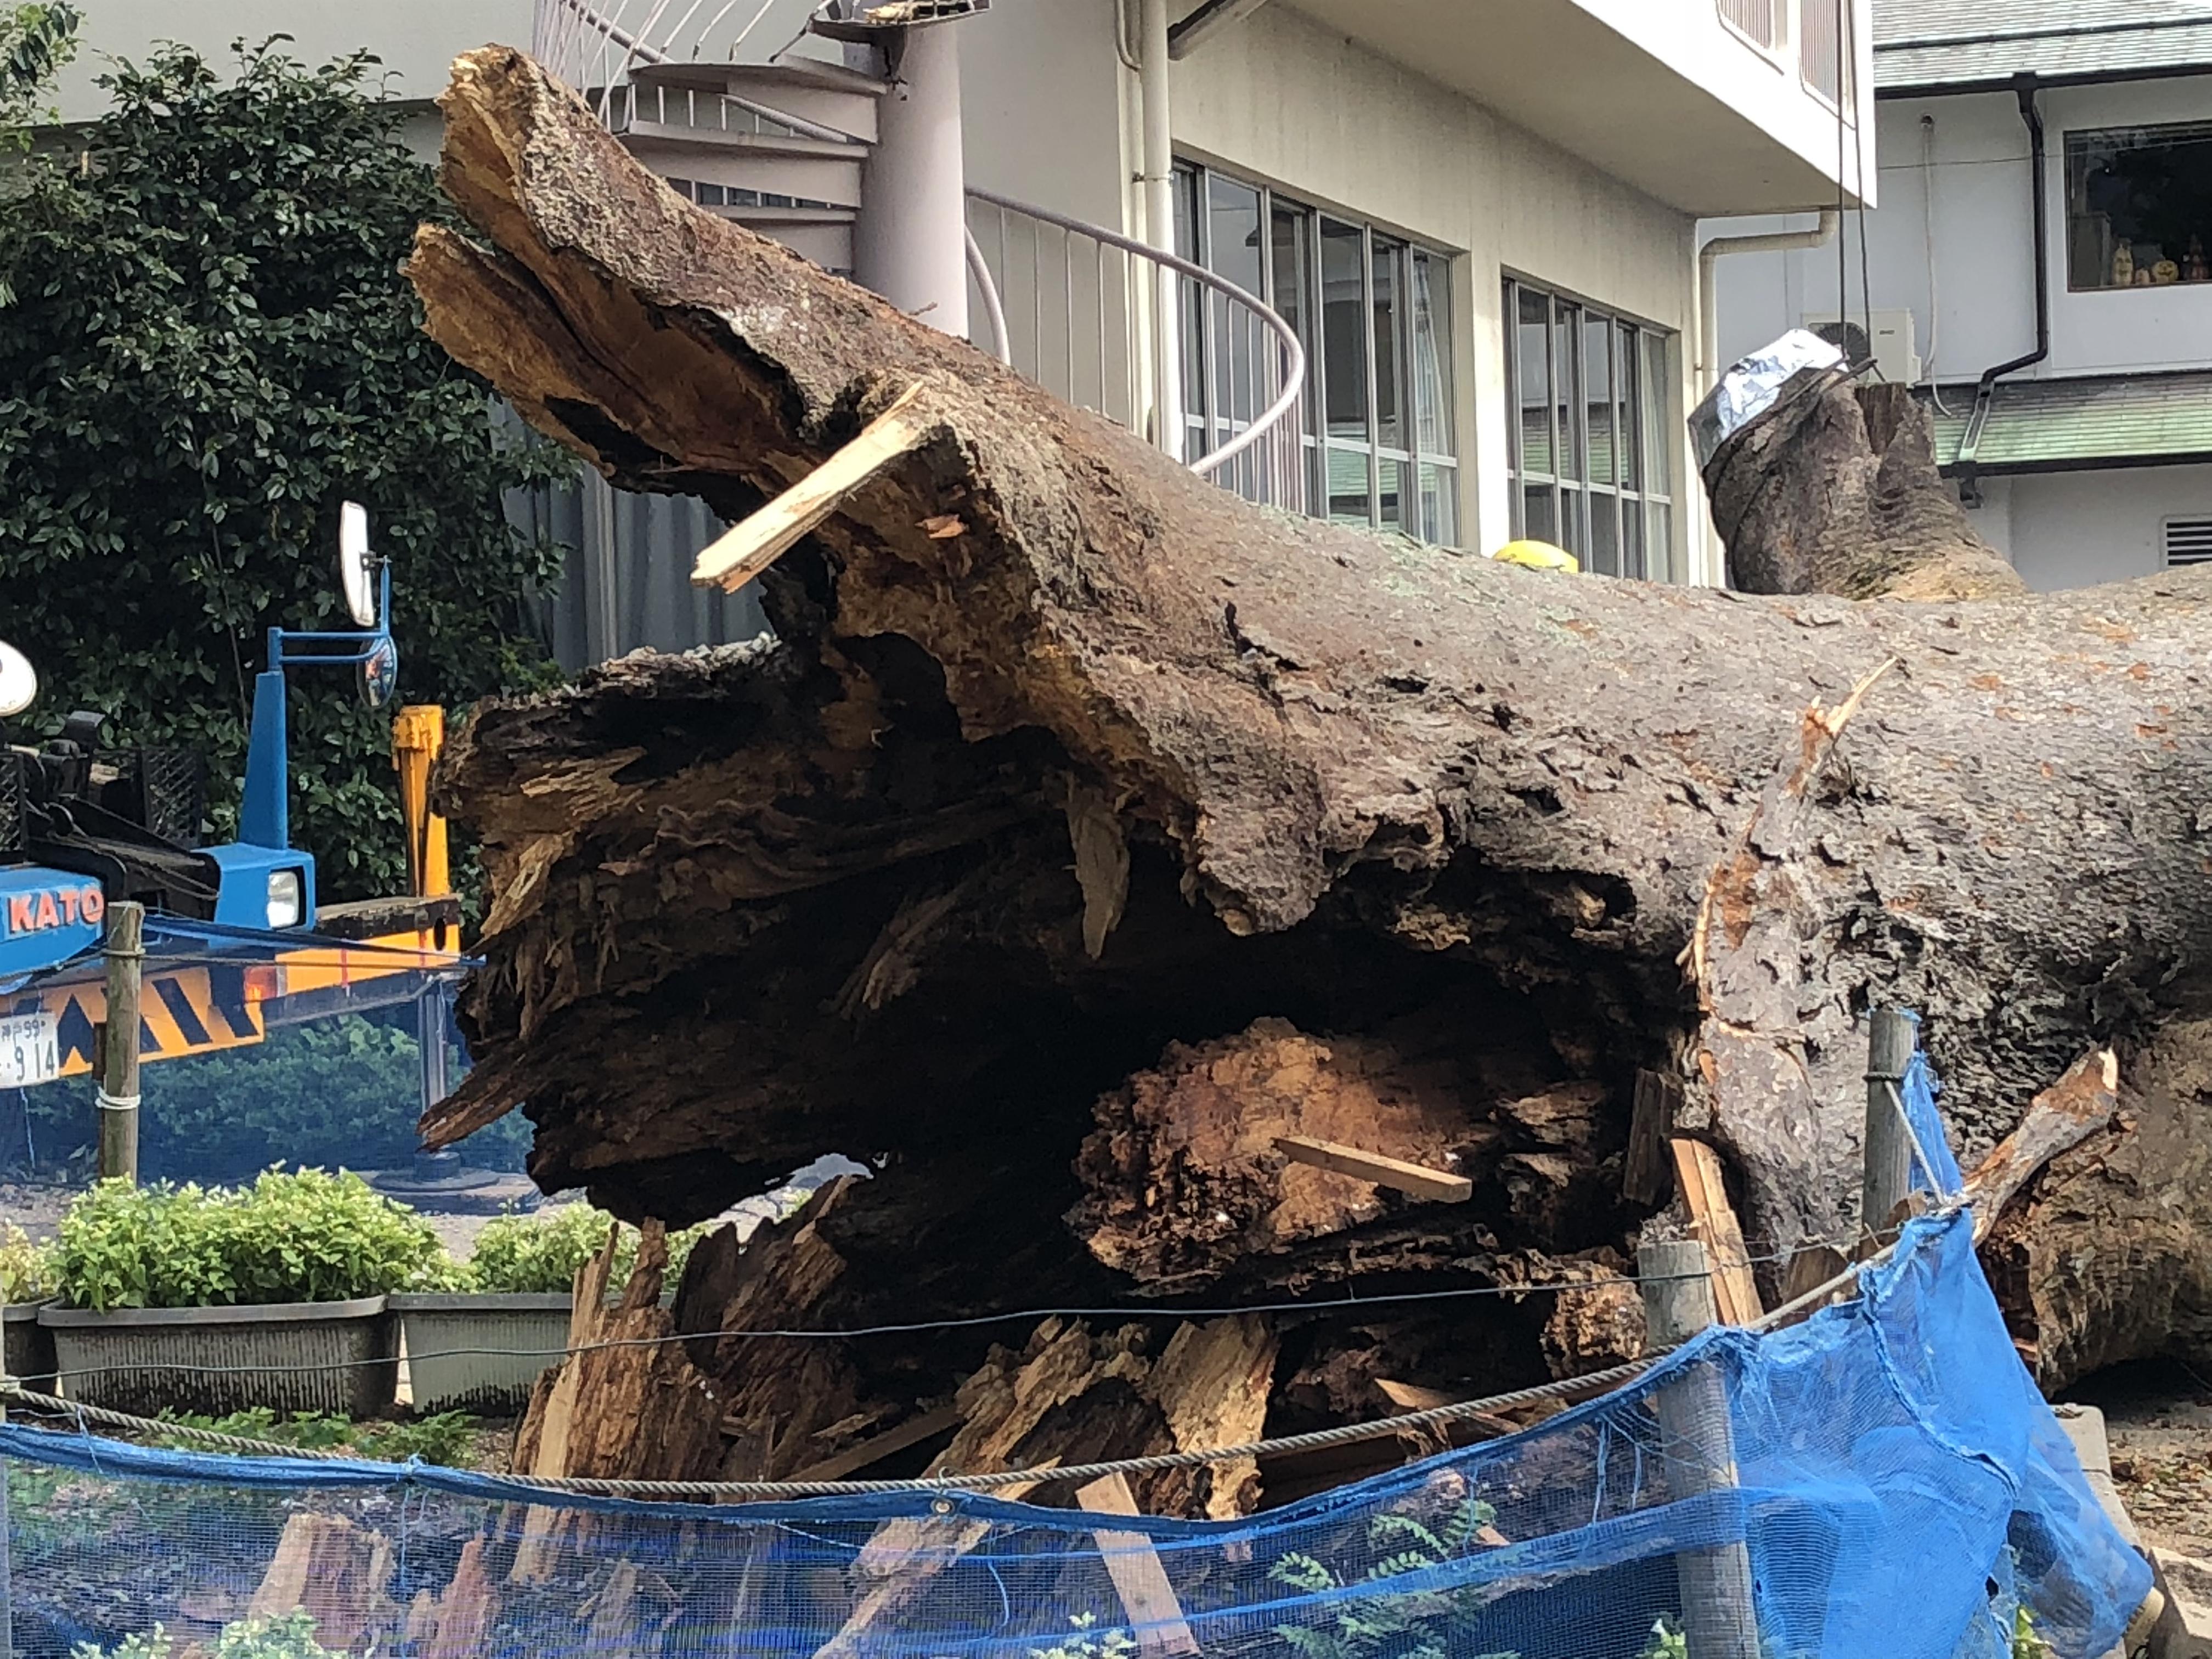 神戸・岡本にある鷺宮八幡神社の市天然記念物「鷺の森のケヤキ」が台風で折れて撤去されるよ【※作業写真あり】 #鷺宮八幡神社